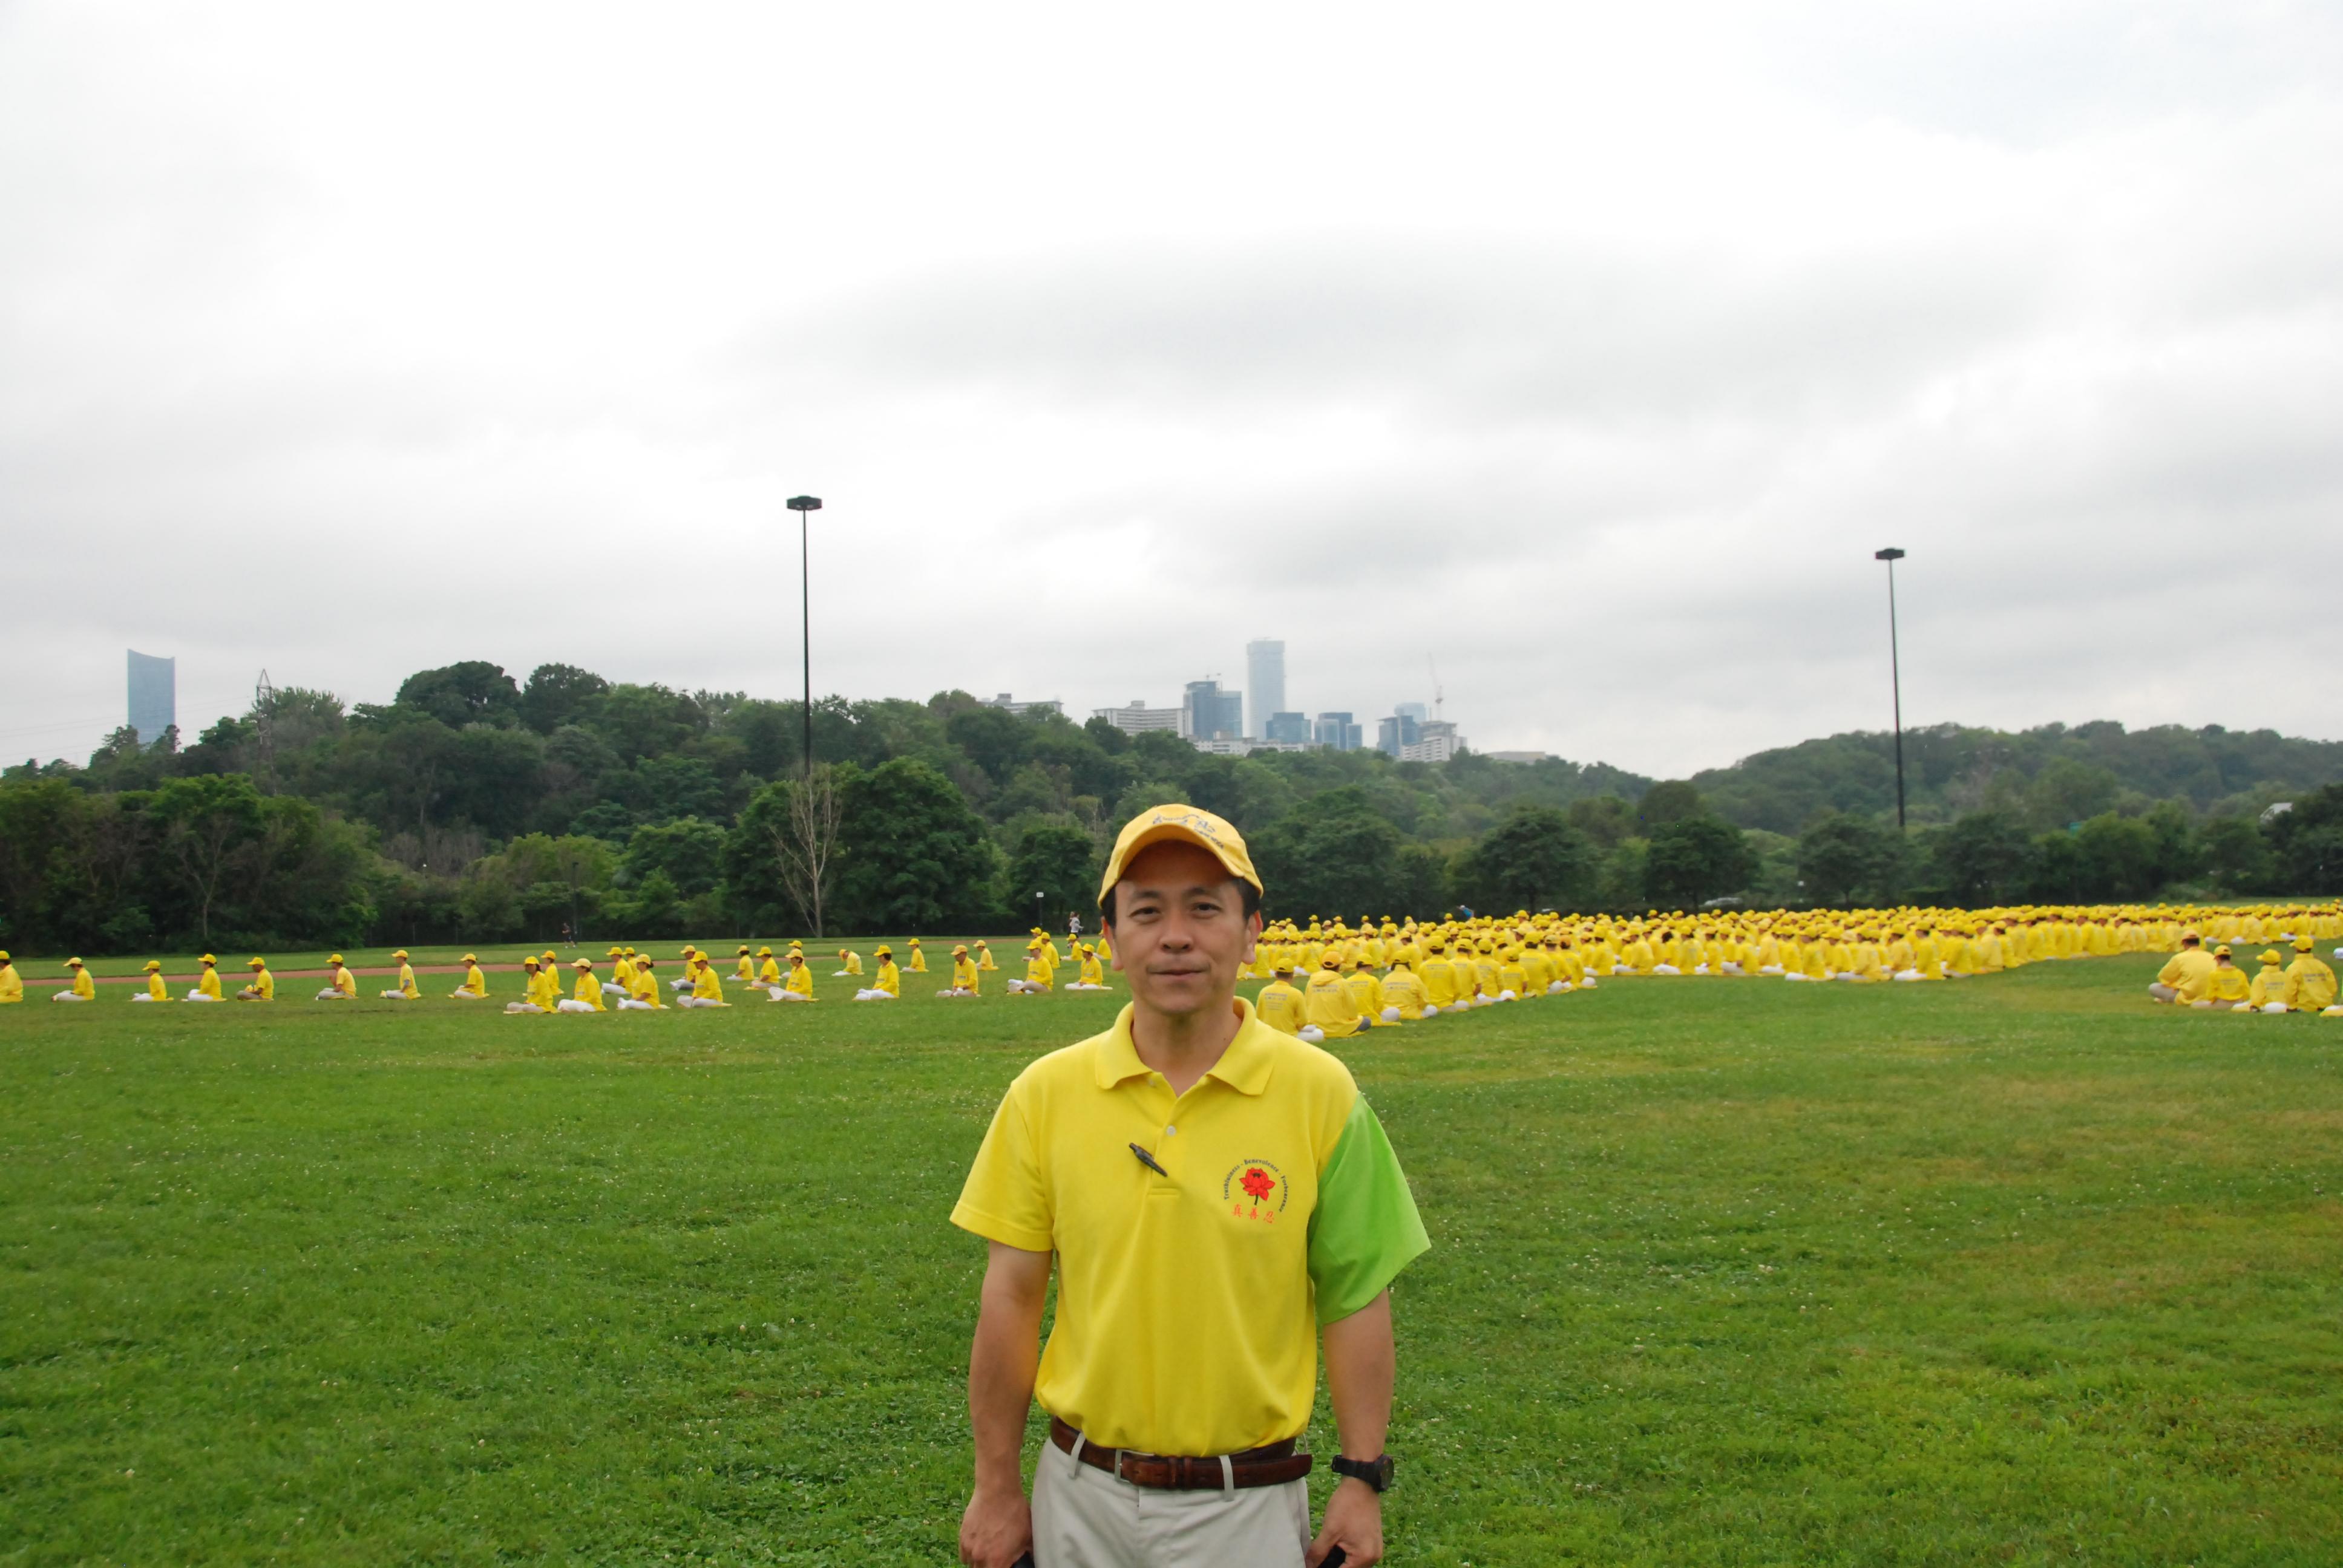 刘先生称,排字是为了弘扬法轮大法的美好。(伊铃/大纪元)